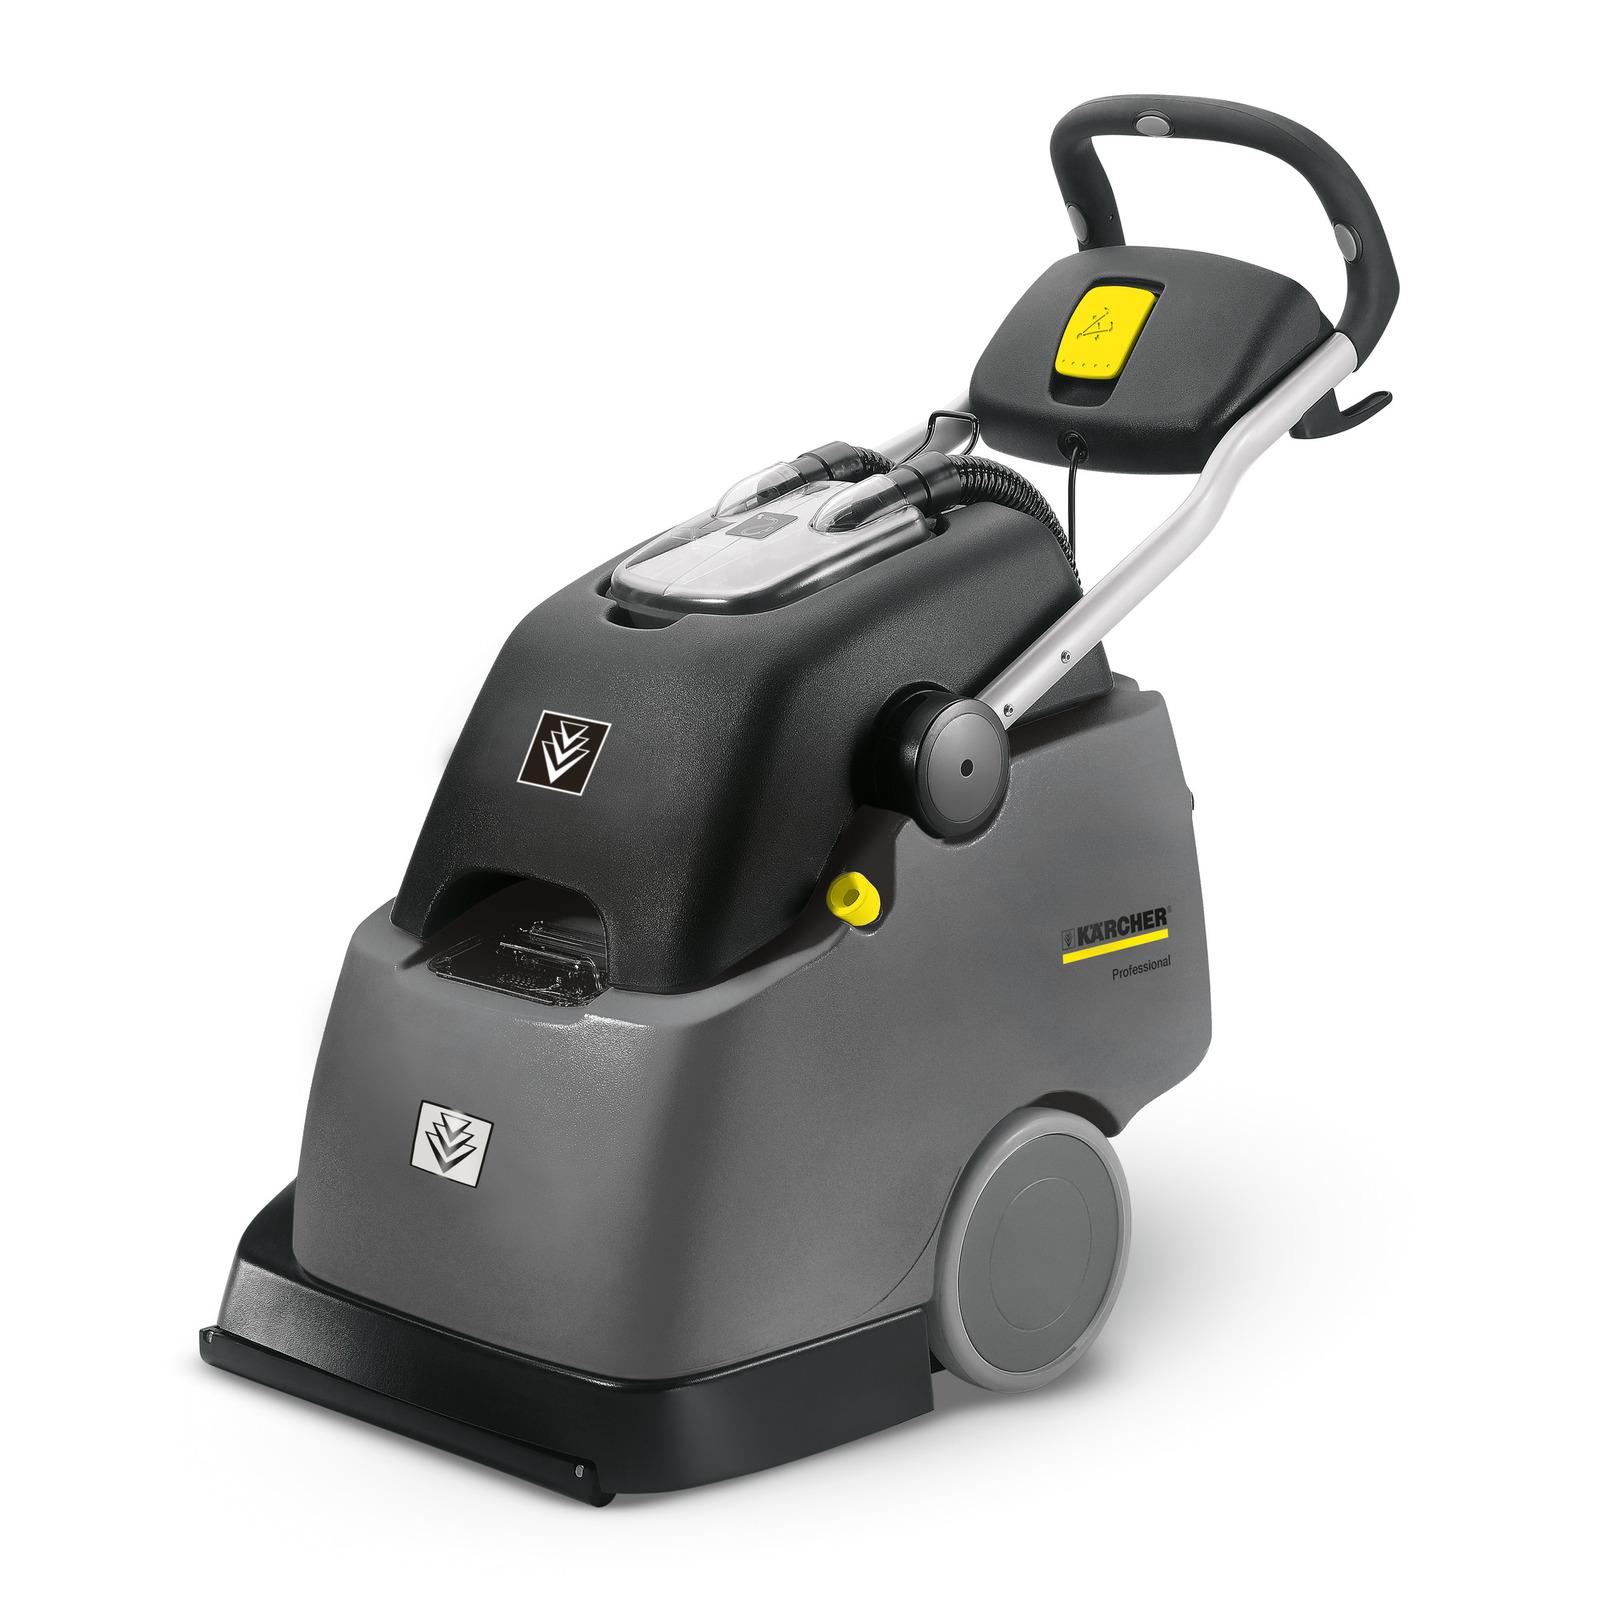 KARCHER - Carpet Extractor & Cleaner - BRC 45/45 C (230 V)